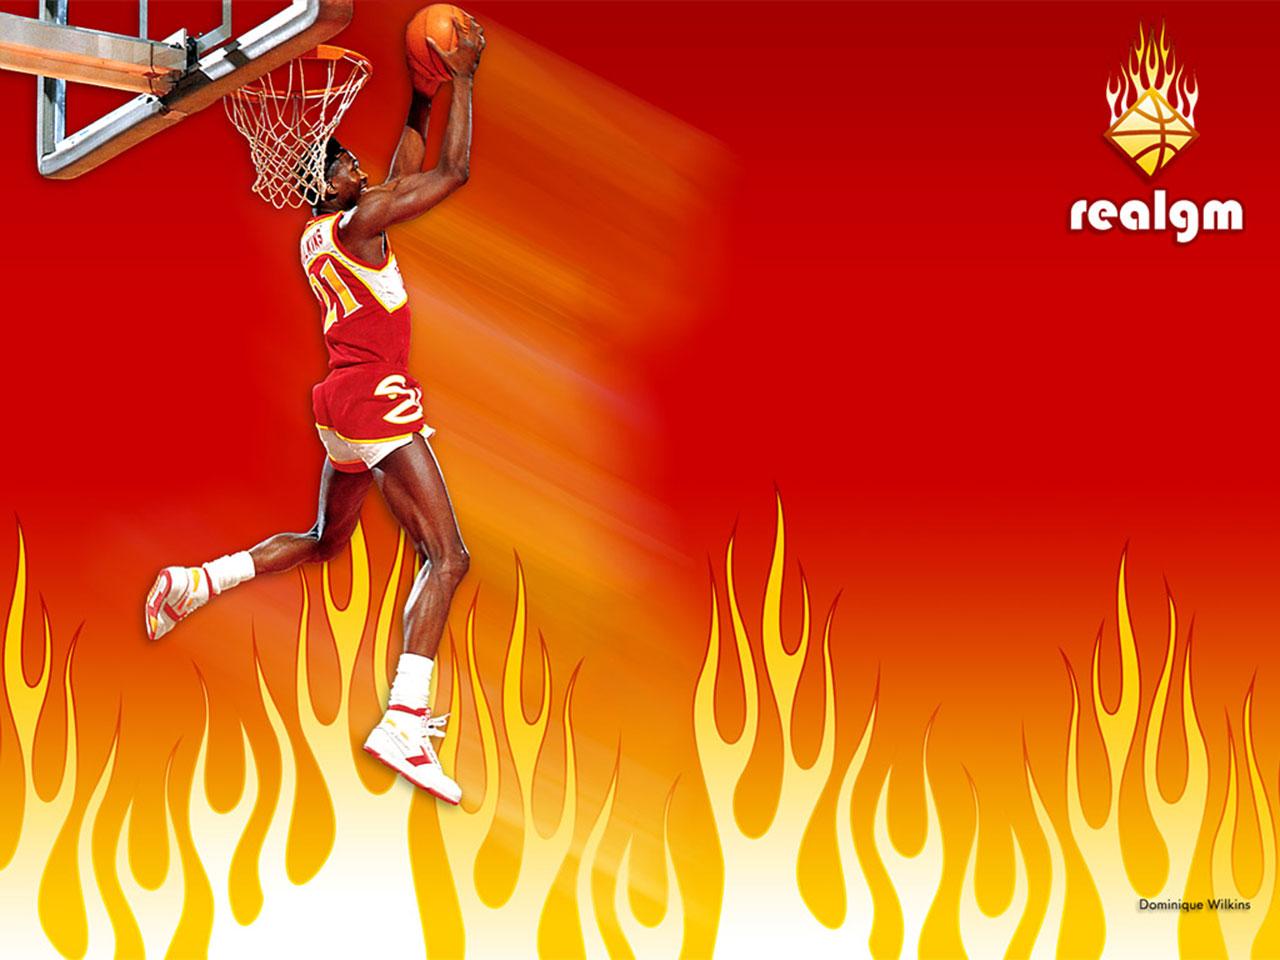 Top NBA Wallpapers: Dominique Wilkins Wallpapers Dominique Wilkins Wallpaper